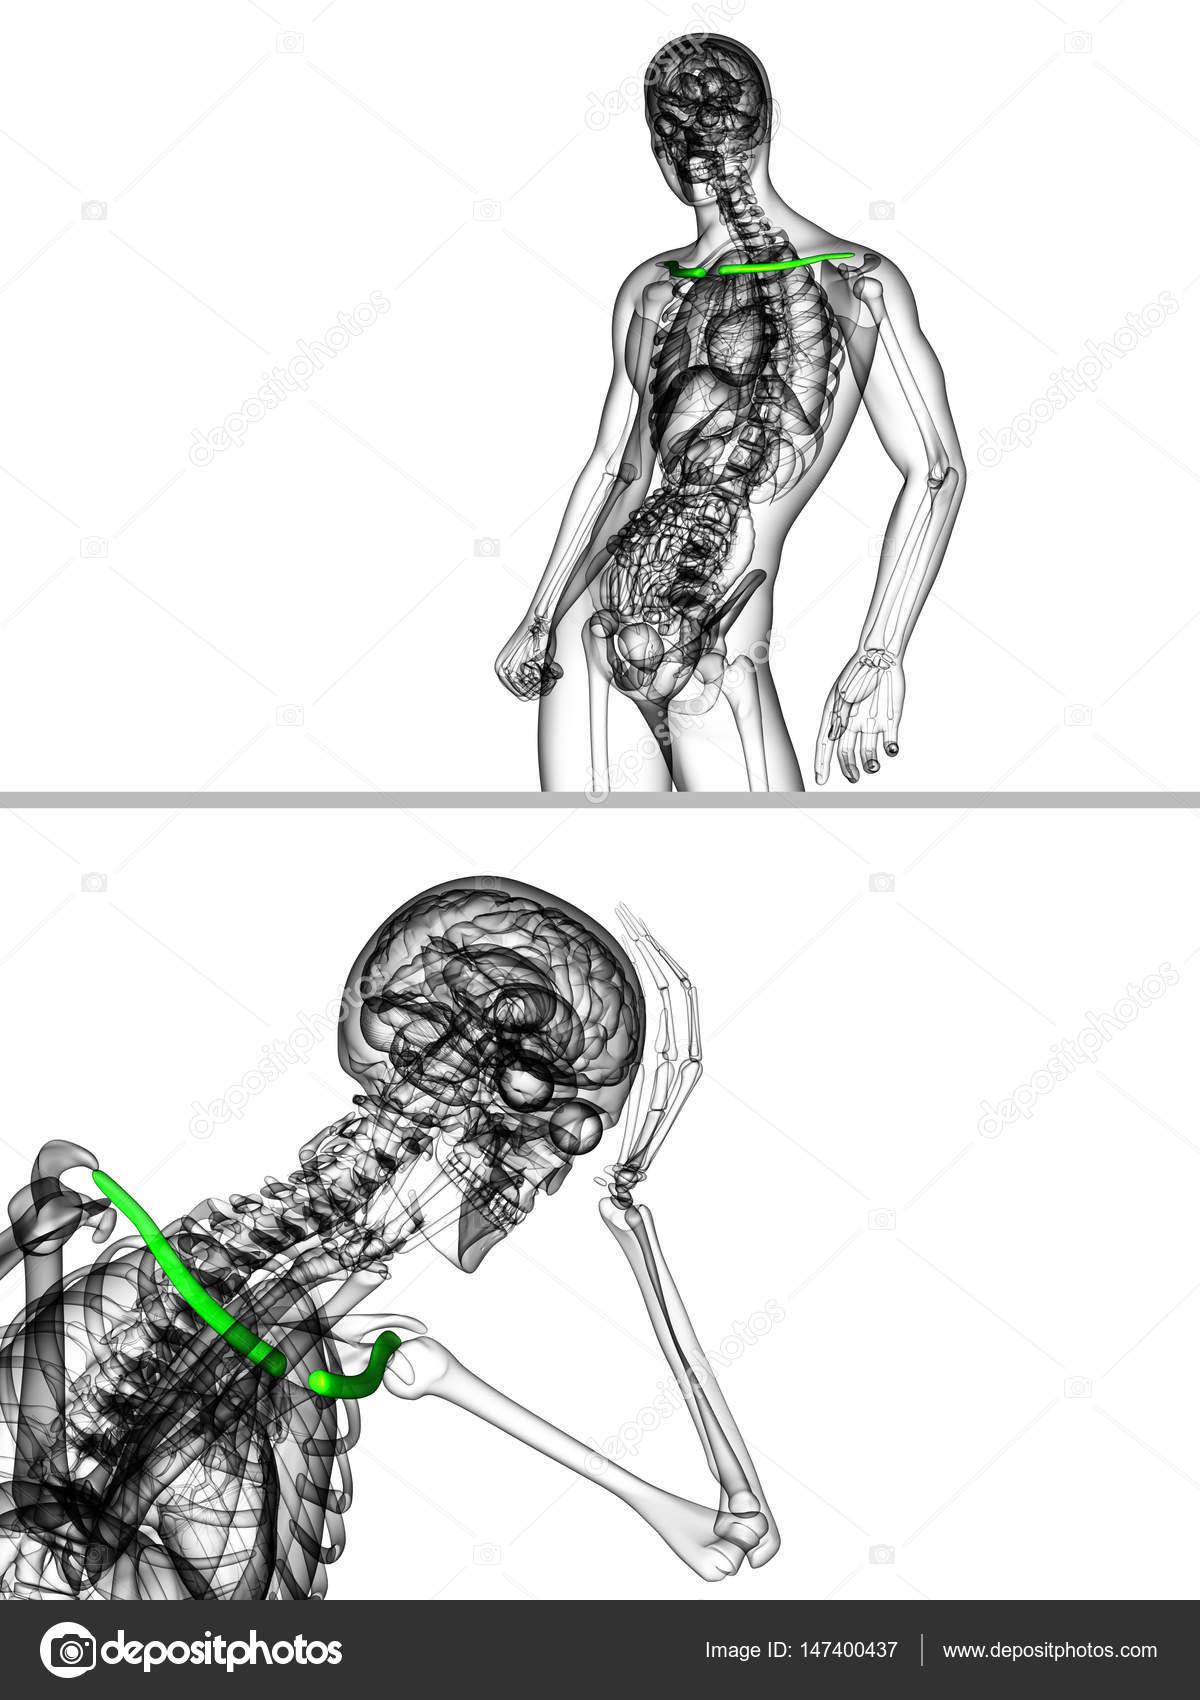 鎖骨の骨の 3 D レンダリングの医療イラスト ストック写真 Maya2008